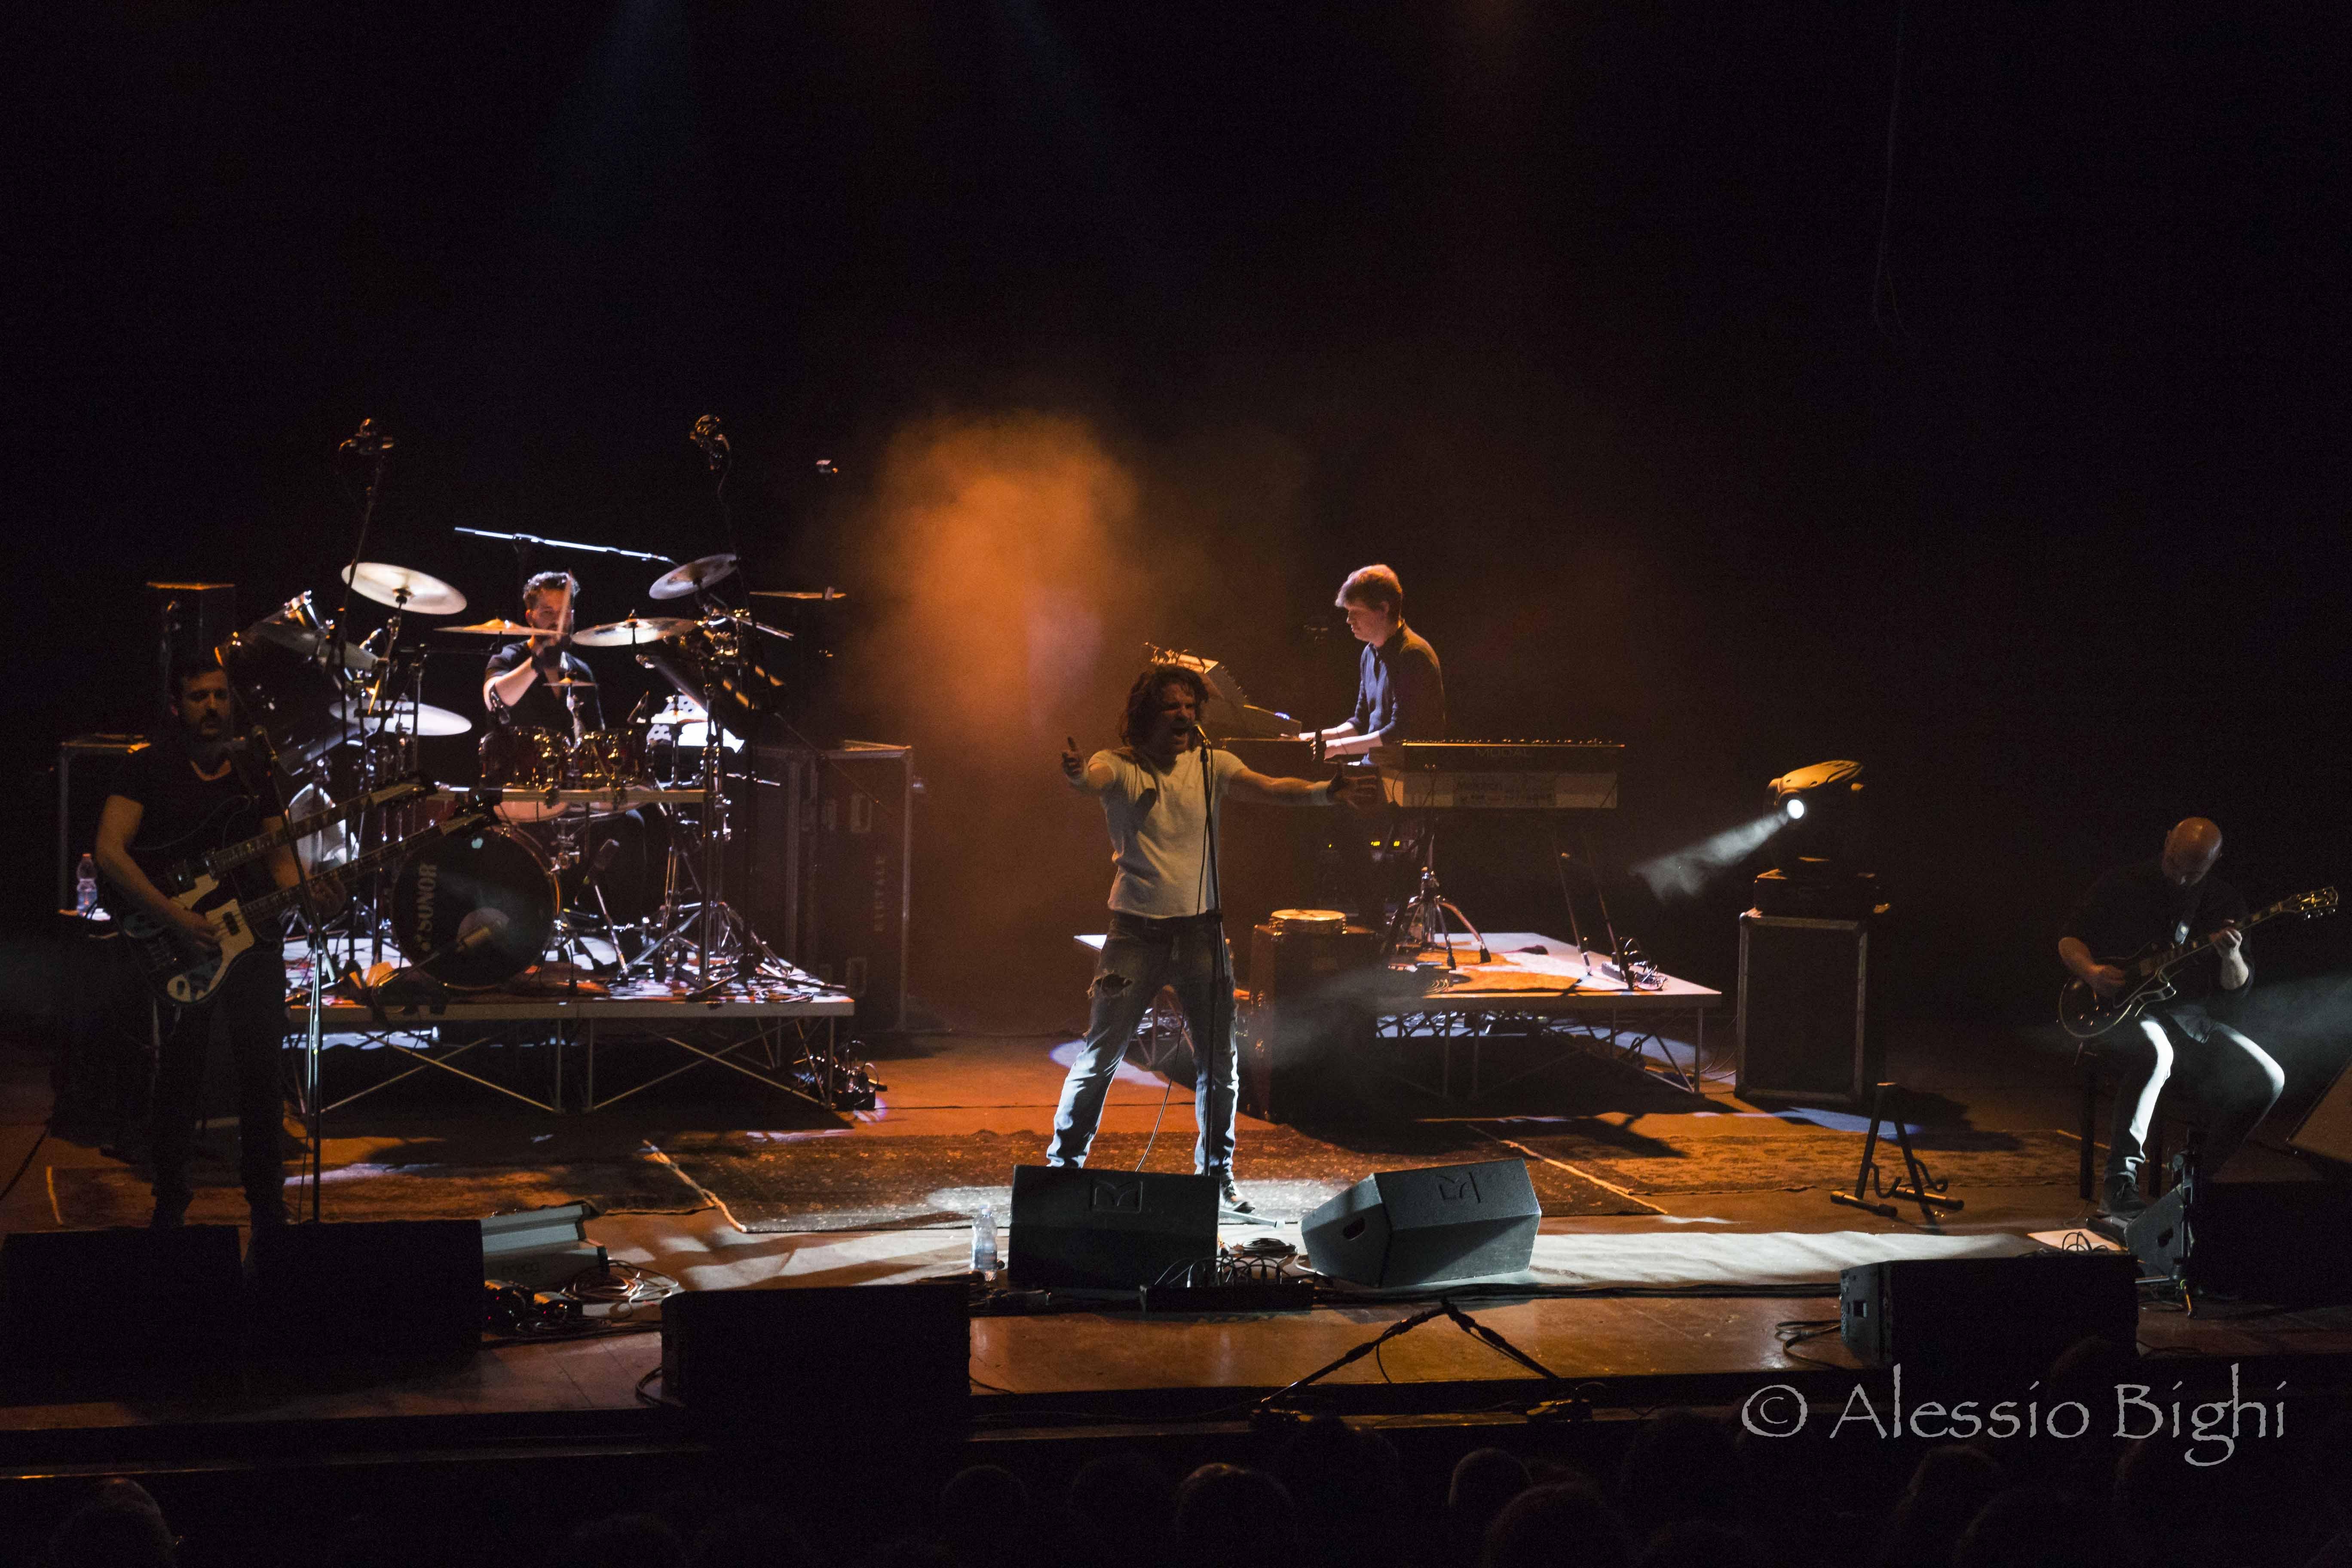 Teatro al Parco, 29/04/17